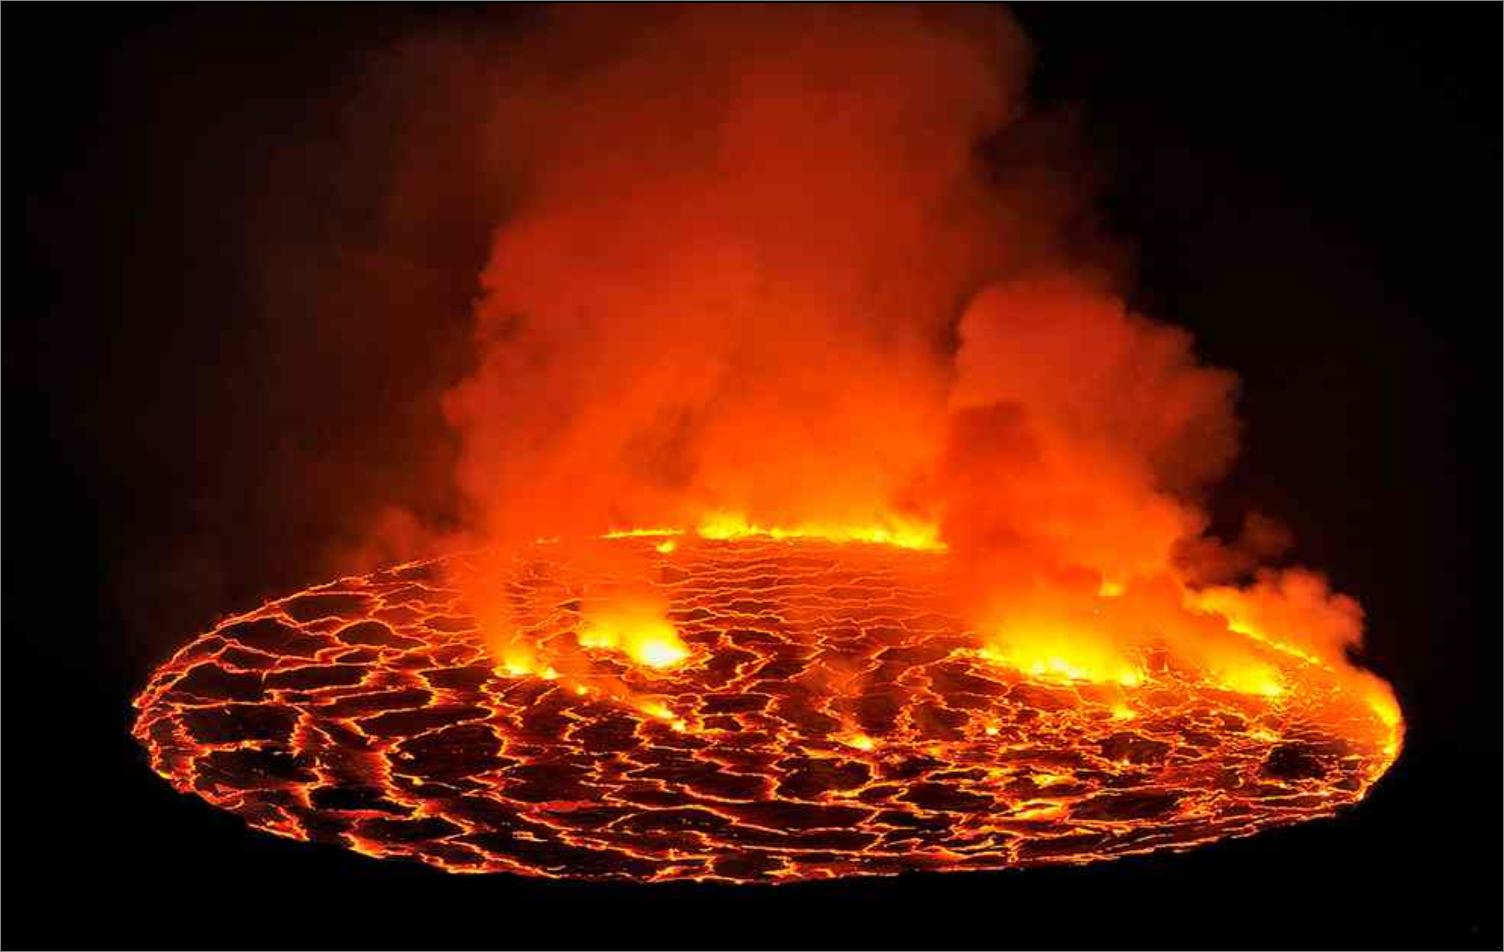 Les 30 plus belles photos de volcans (4/10)